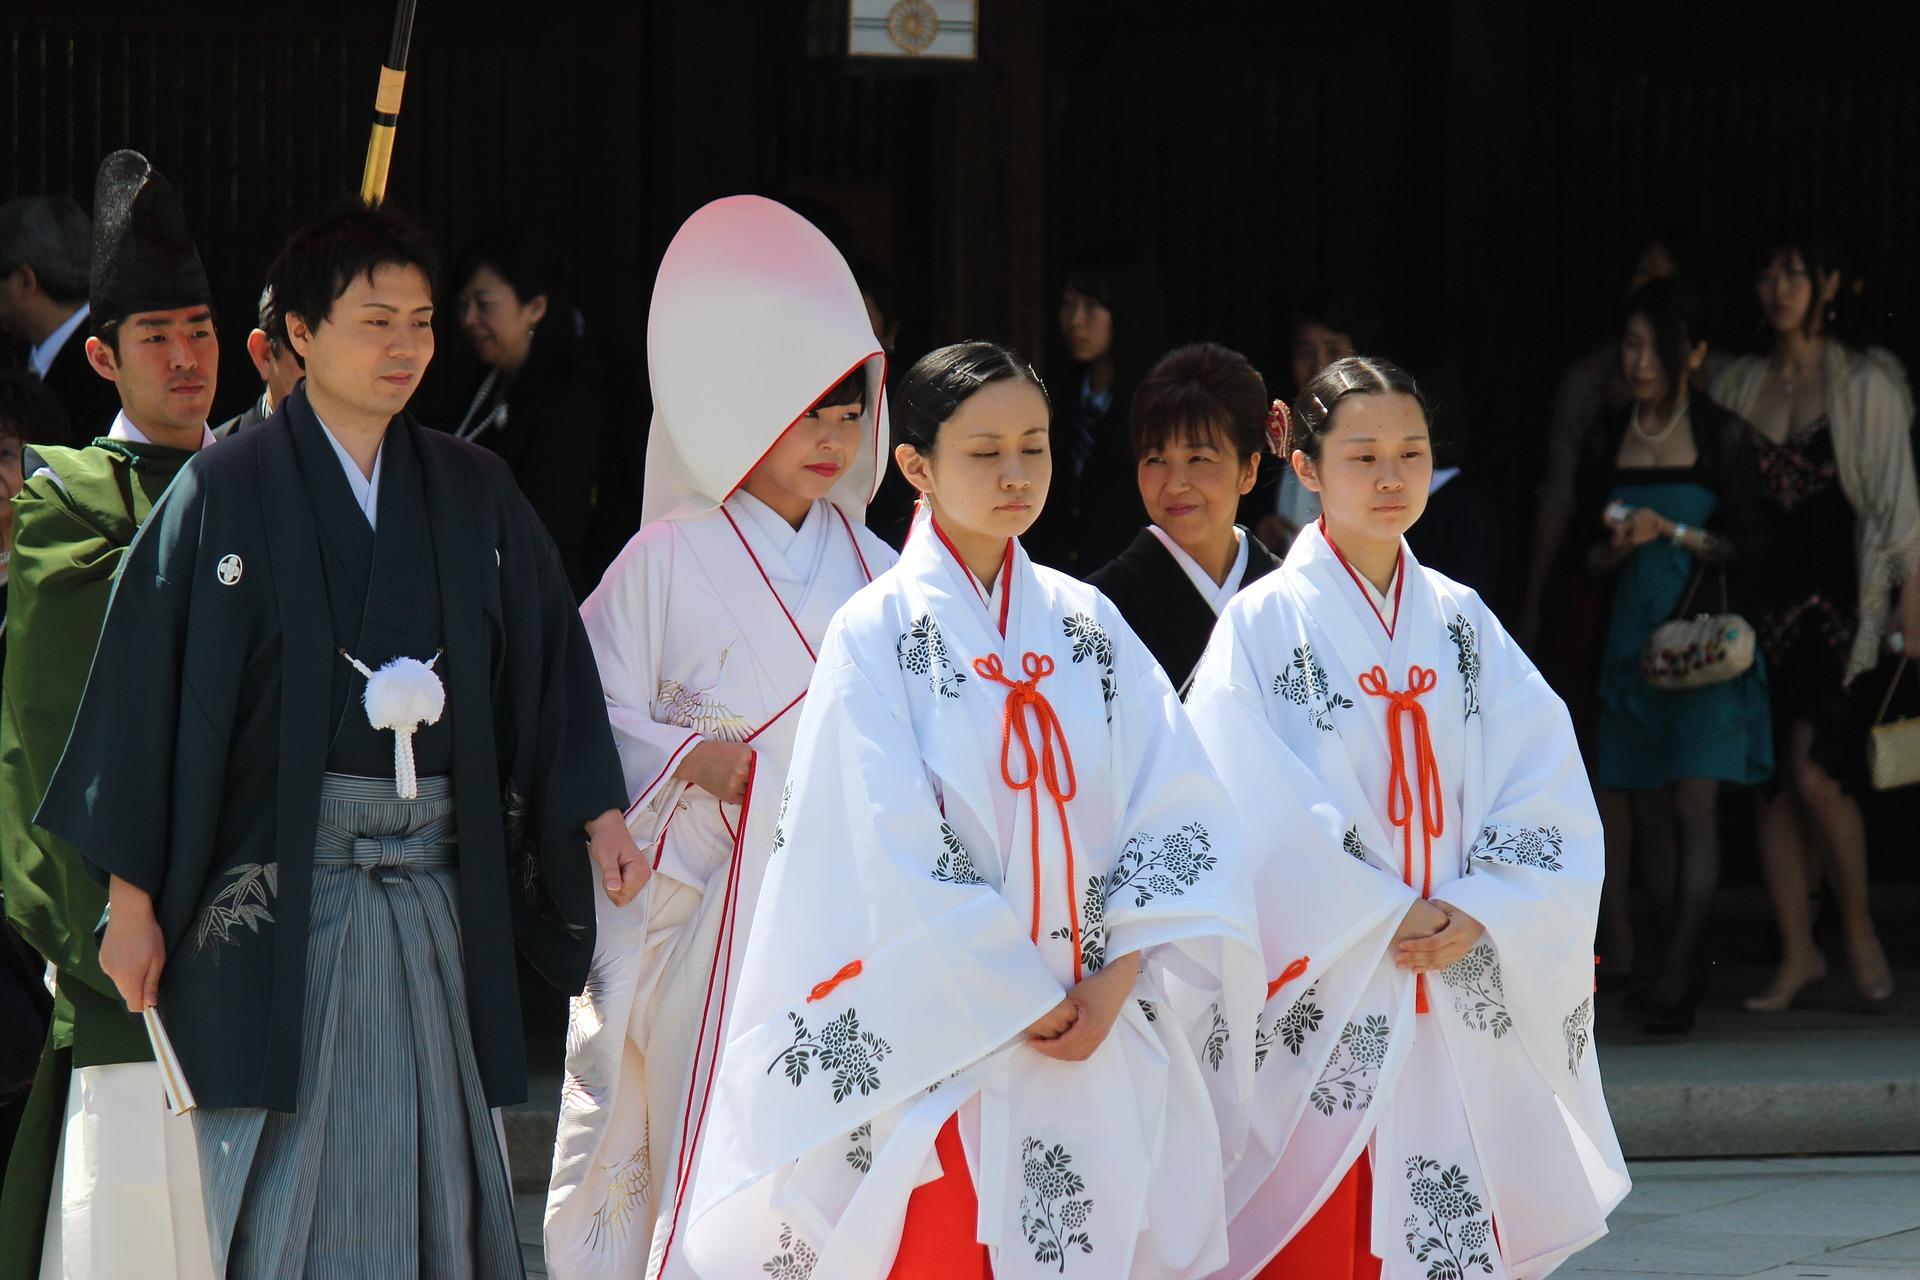 Japaner lässt sich scheiden weil Ehefrau gefurzt hat